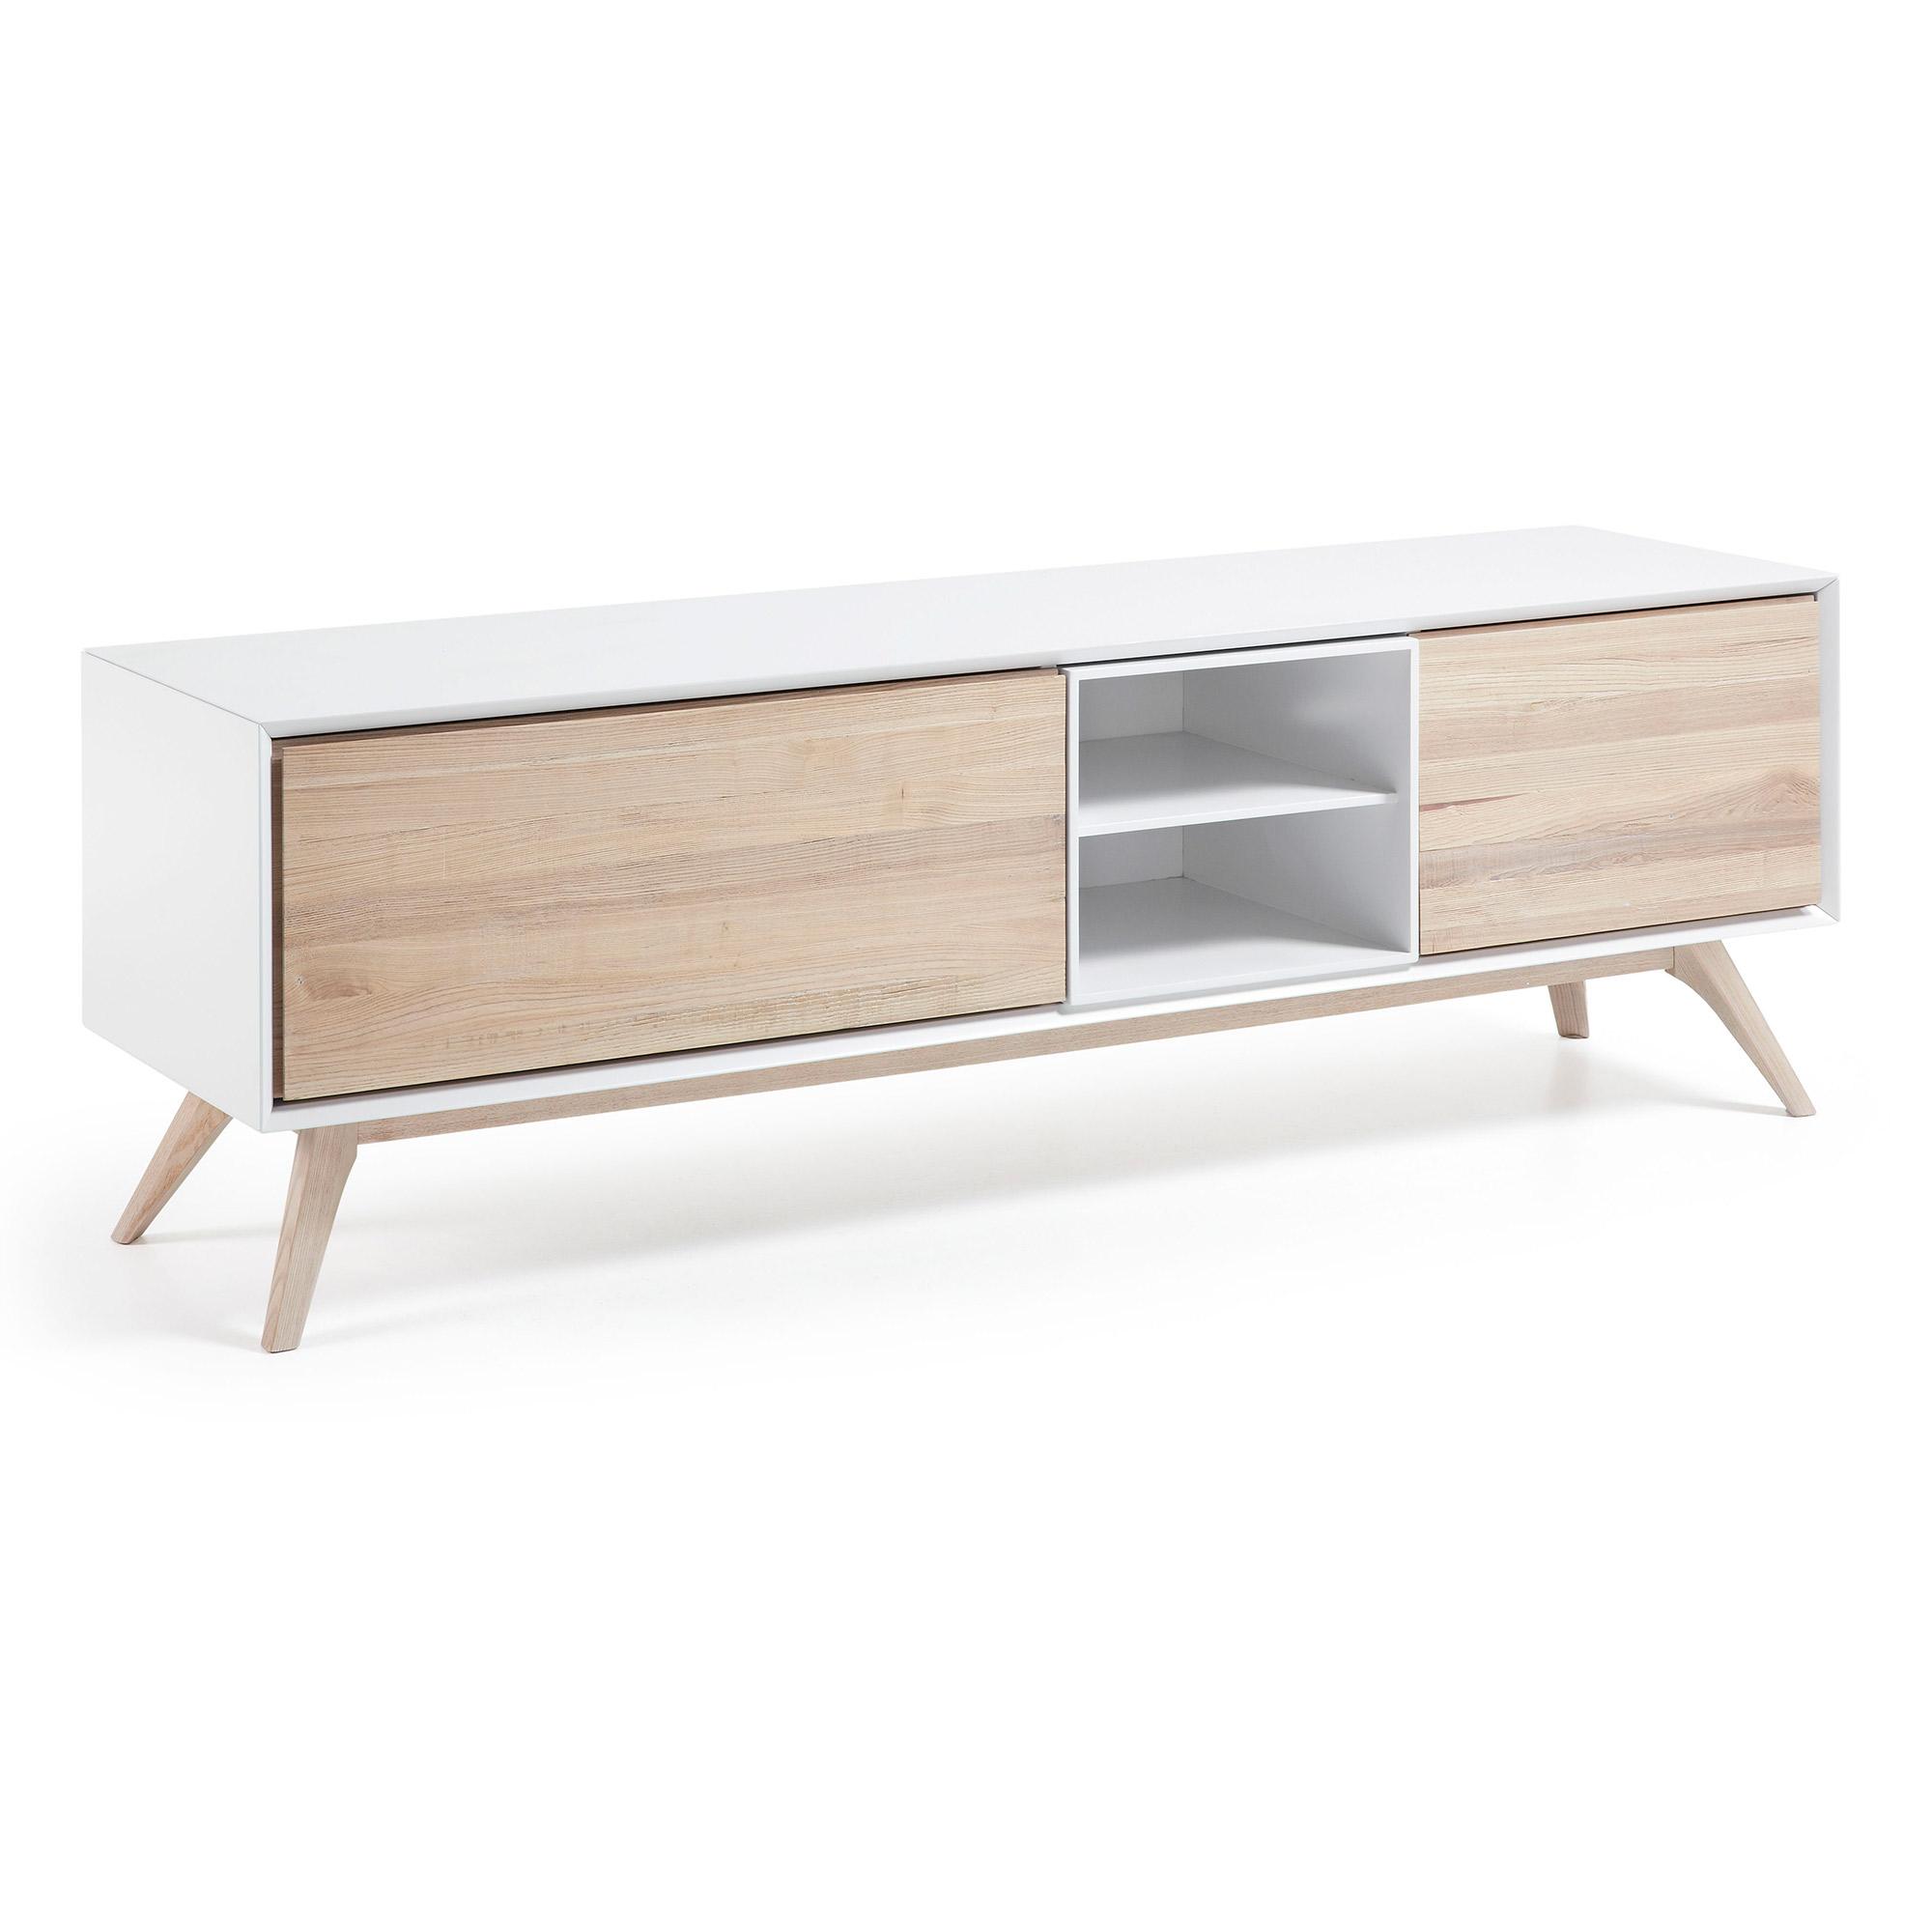 Kave Home - Eunice TV Lowboard 174 x 56 cm, 2-türig | Wohnzimmer > TV-HiFi-Möbel | Kave Home